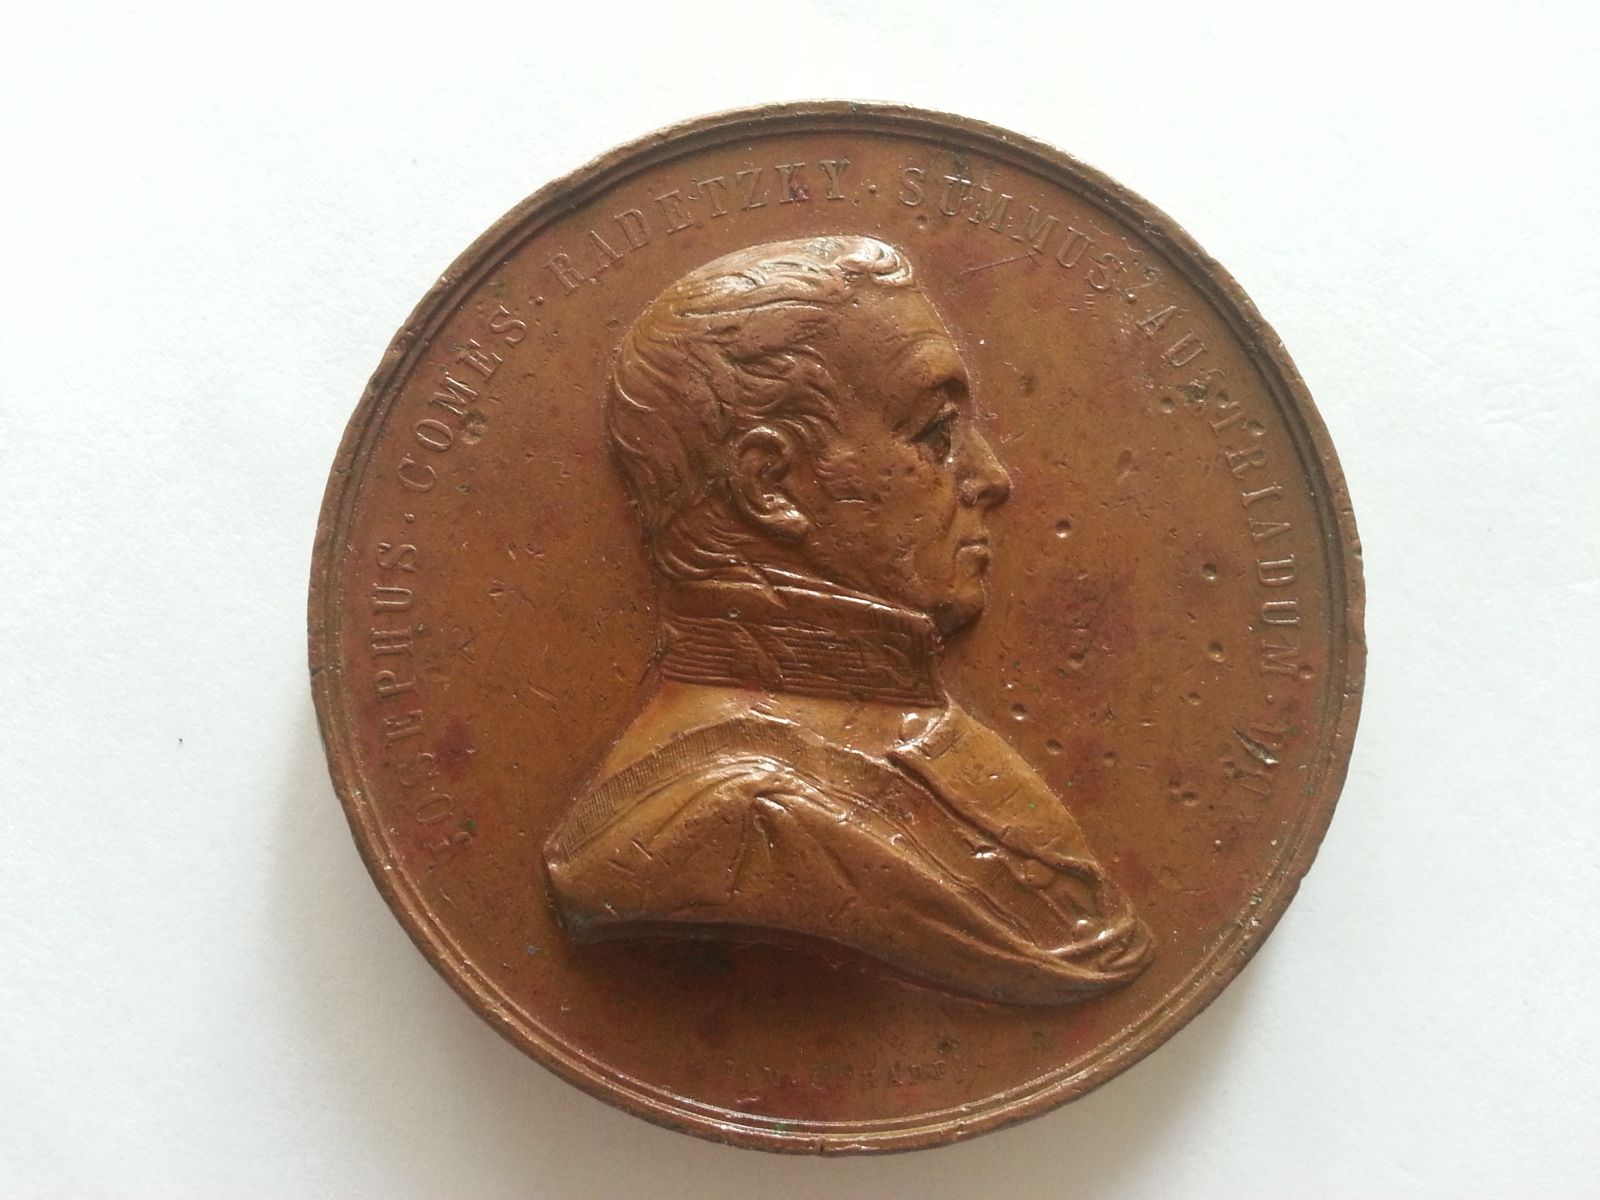 maršál Radecký na itelské tažení, 1848-49, Rakousko